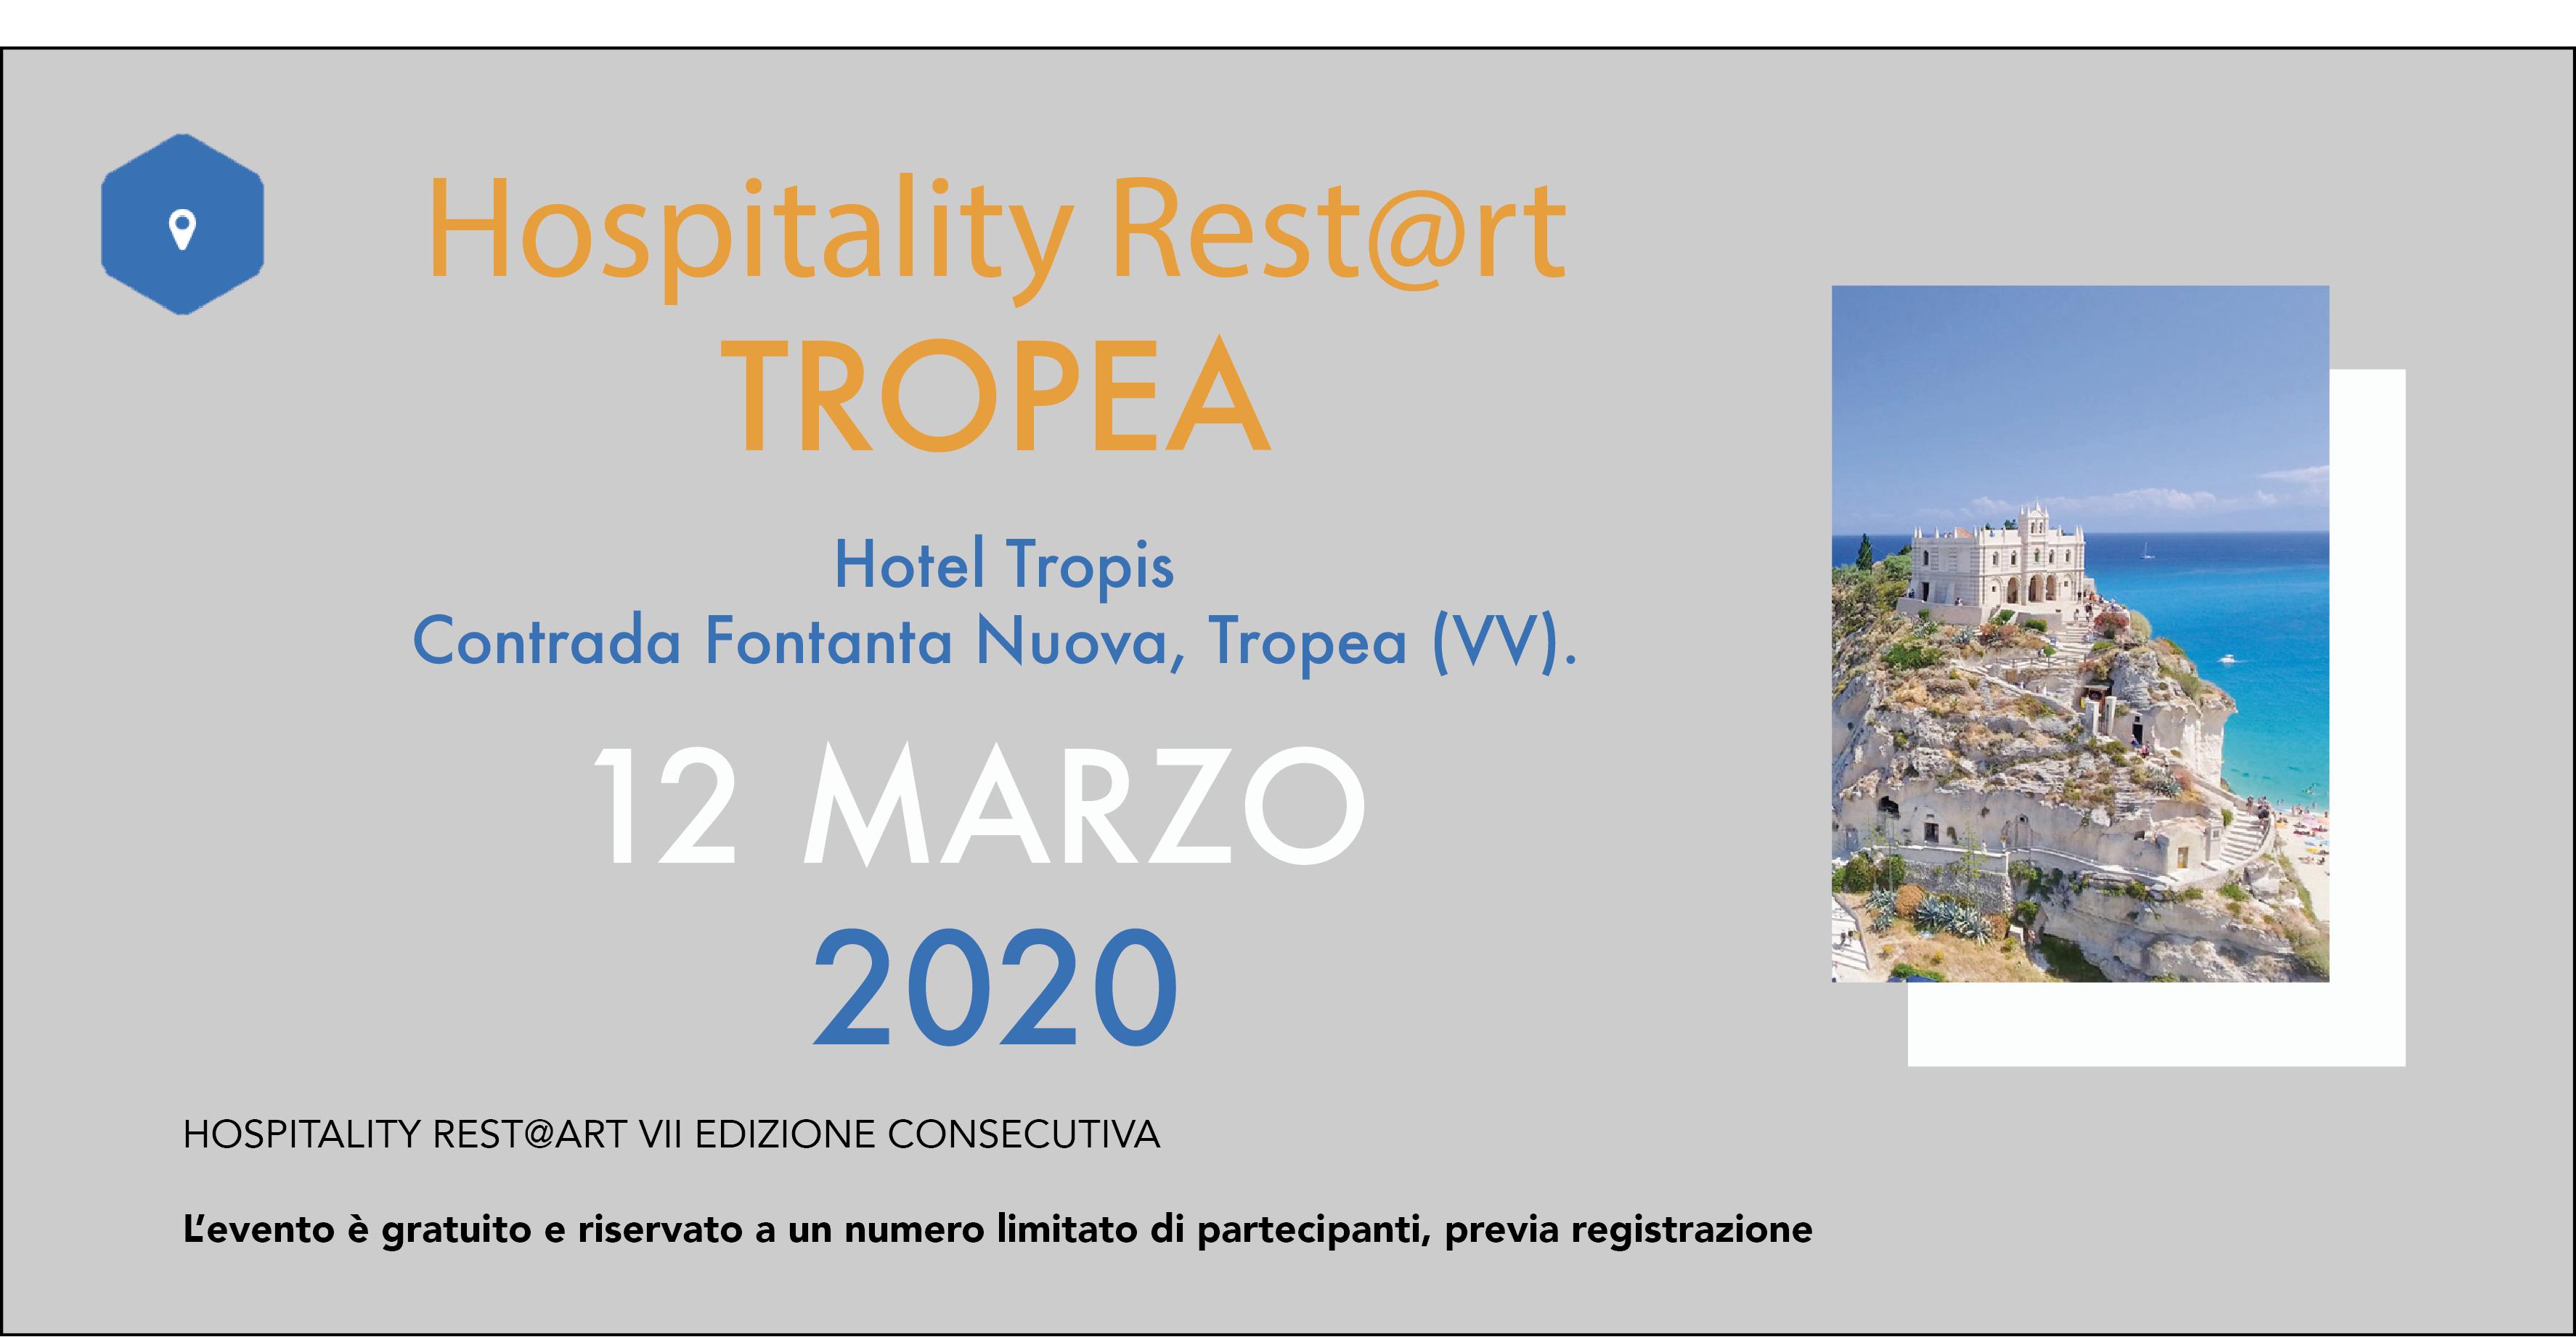 La settima edizione di Hospitality Rest@rt Tropea, sempre all' Hotel Tropis di Tropea il 12 marzo.